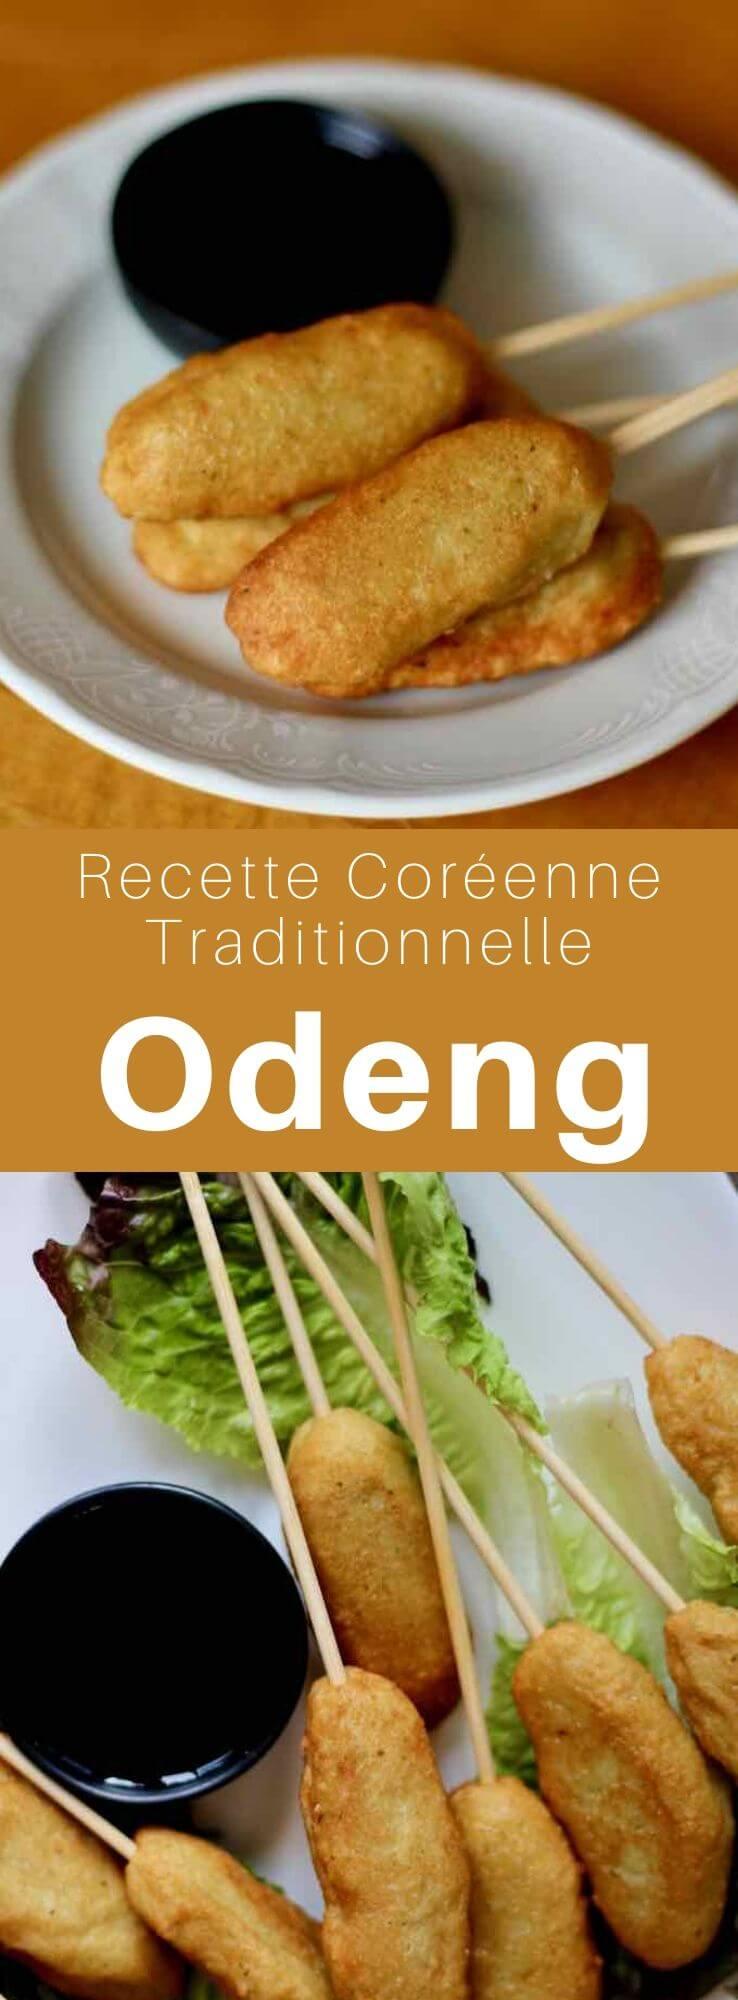 Les eomuk (어묵) ou odeng (오뎅) sont la version coréenne des croquettes de poisson, composés de poissons blancs et fruits de mer. #Coree #CoreeDuSud #CoreeDuNord #RecetteCoreenne #CuisineCoreenne #CuisineDuMonde #196flavors